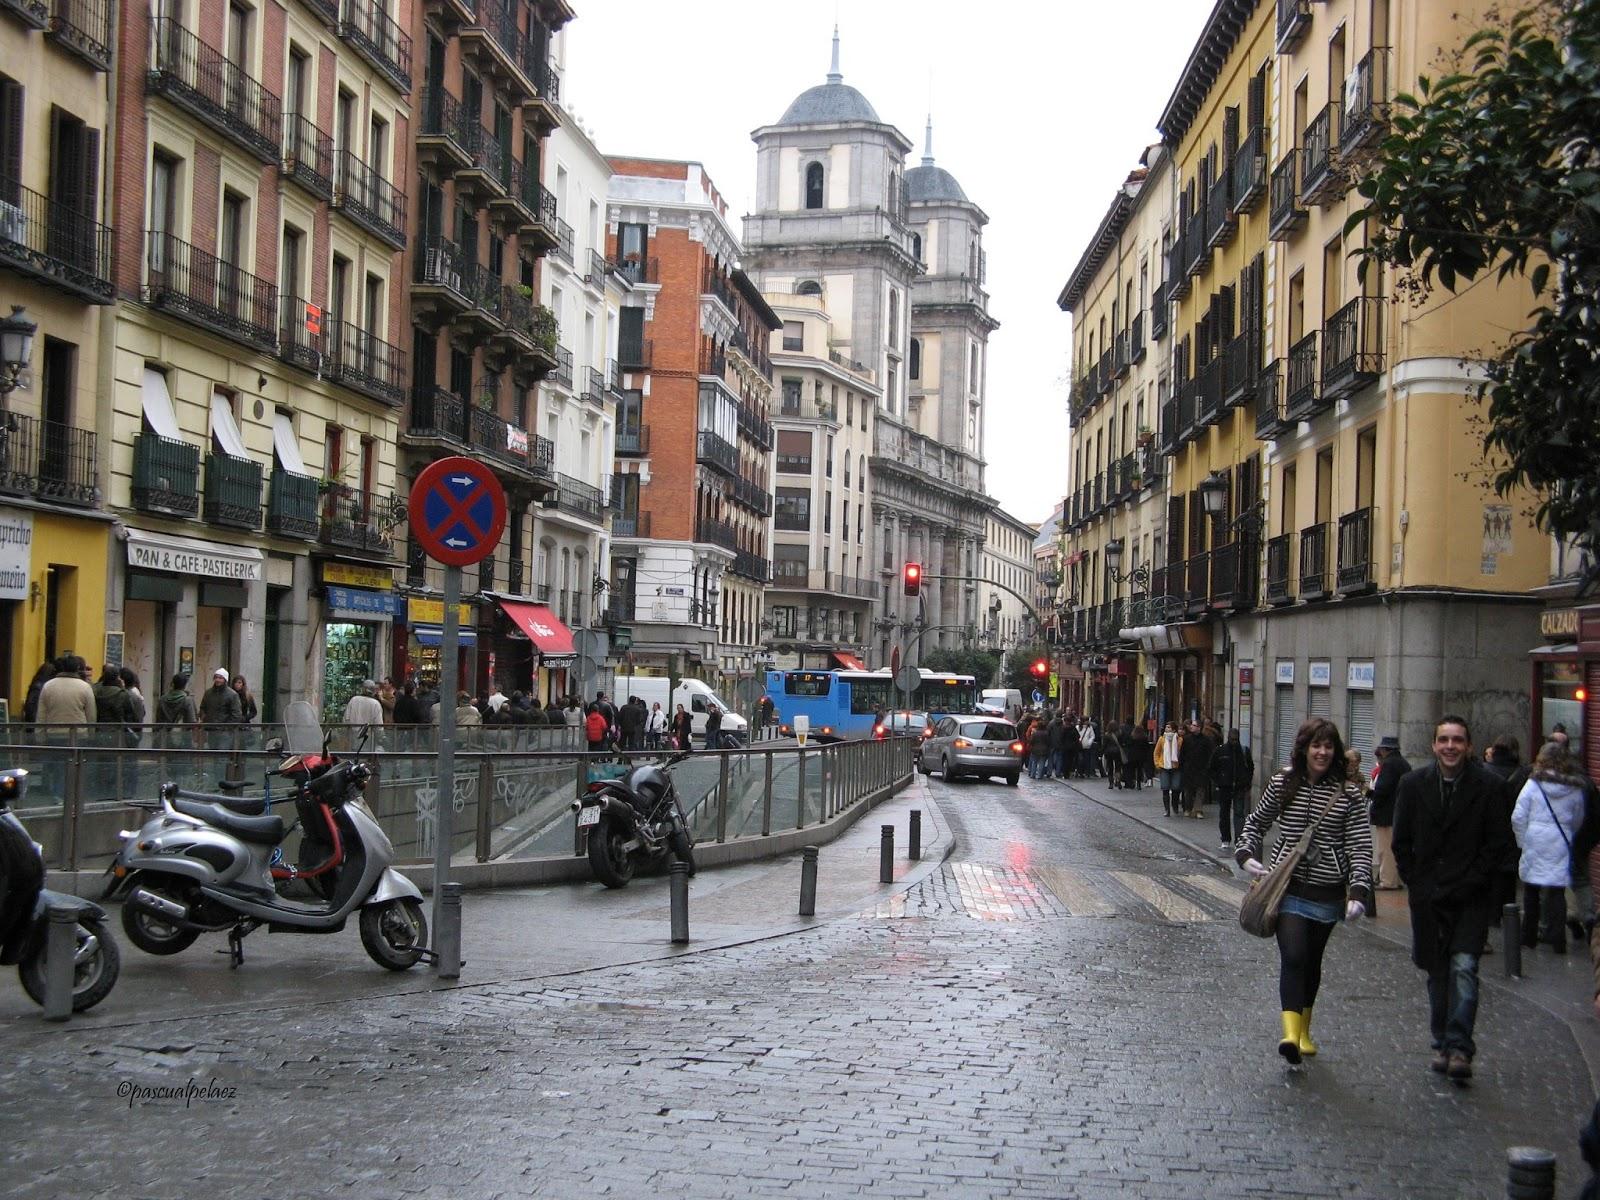 Rincones ibericos madrid calle de toledo for Calle prado 8 madrid